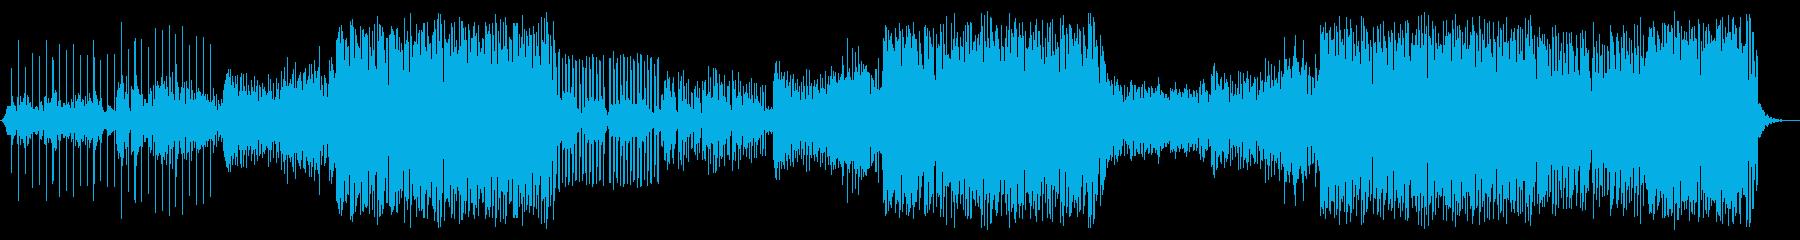 夏 海 ハウスの再生済みの波形